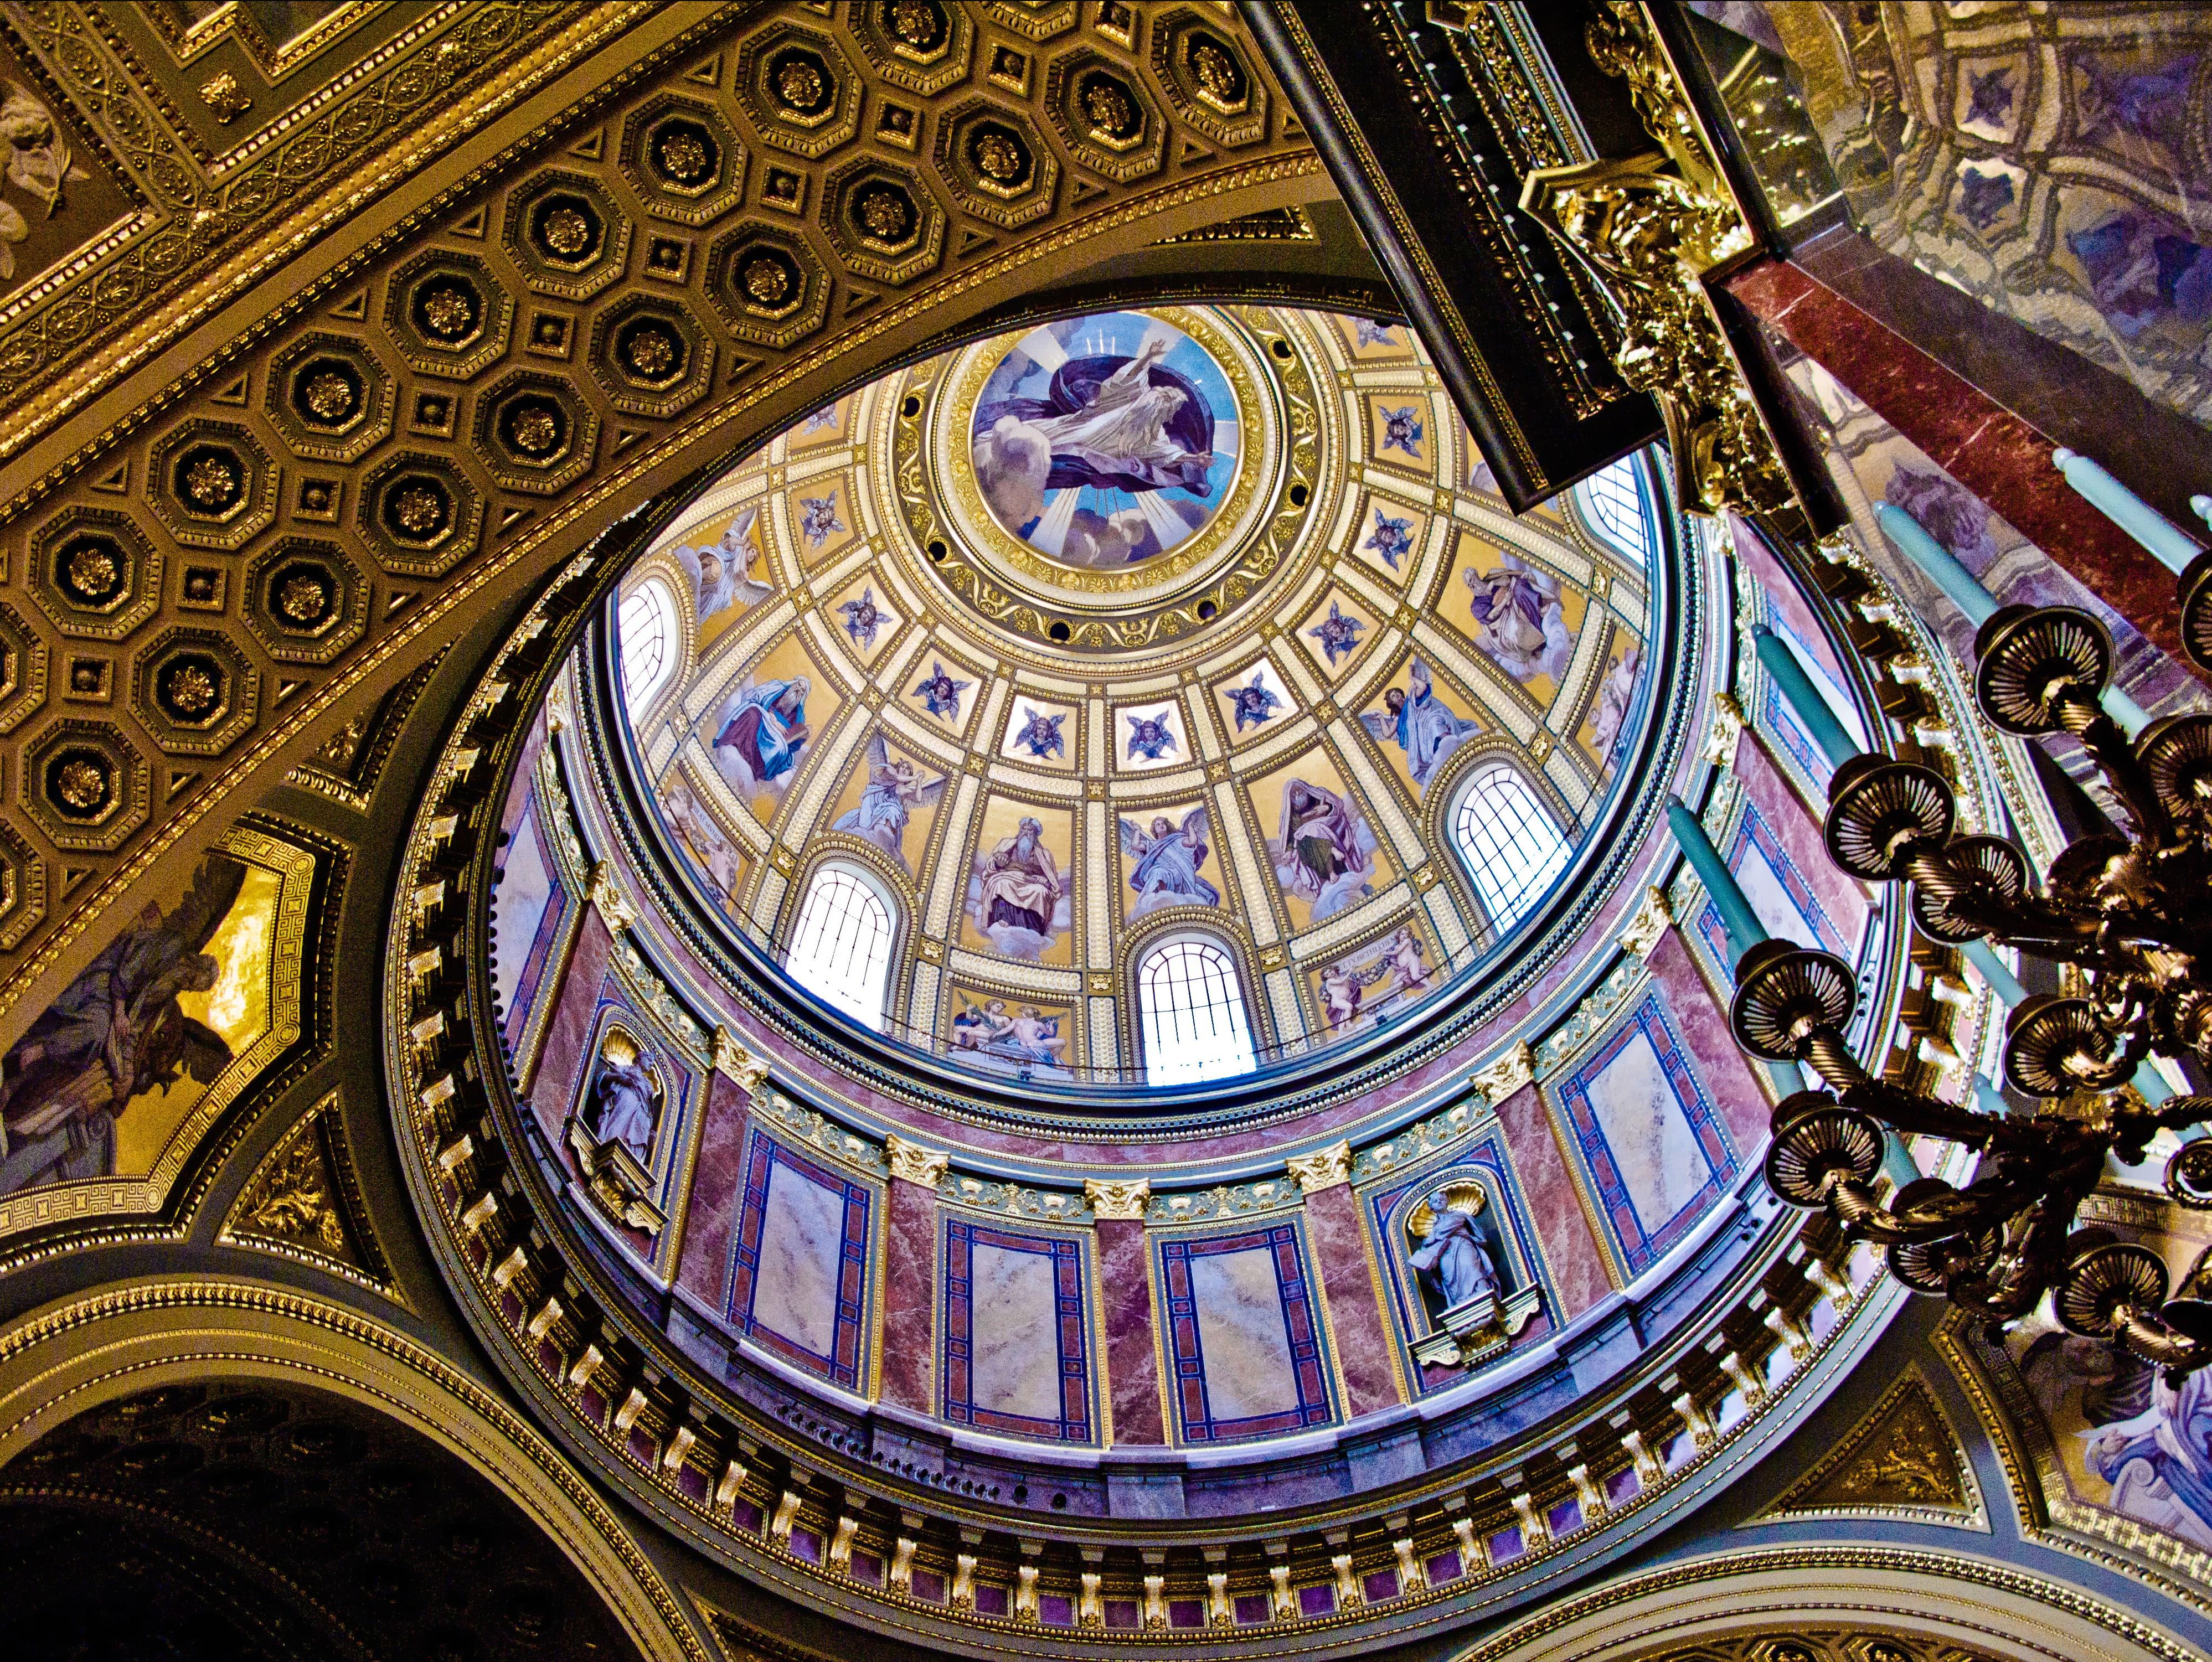 Dôme basilique saine Etienne Budapest